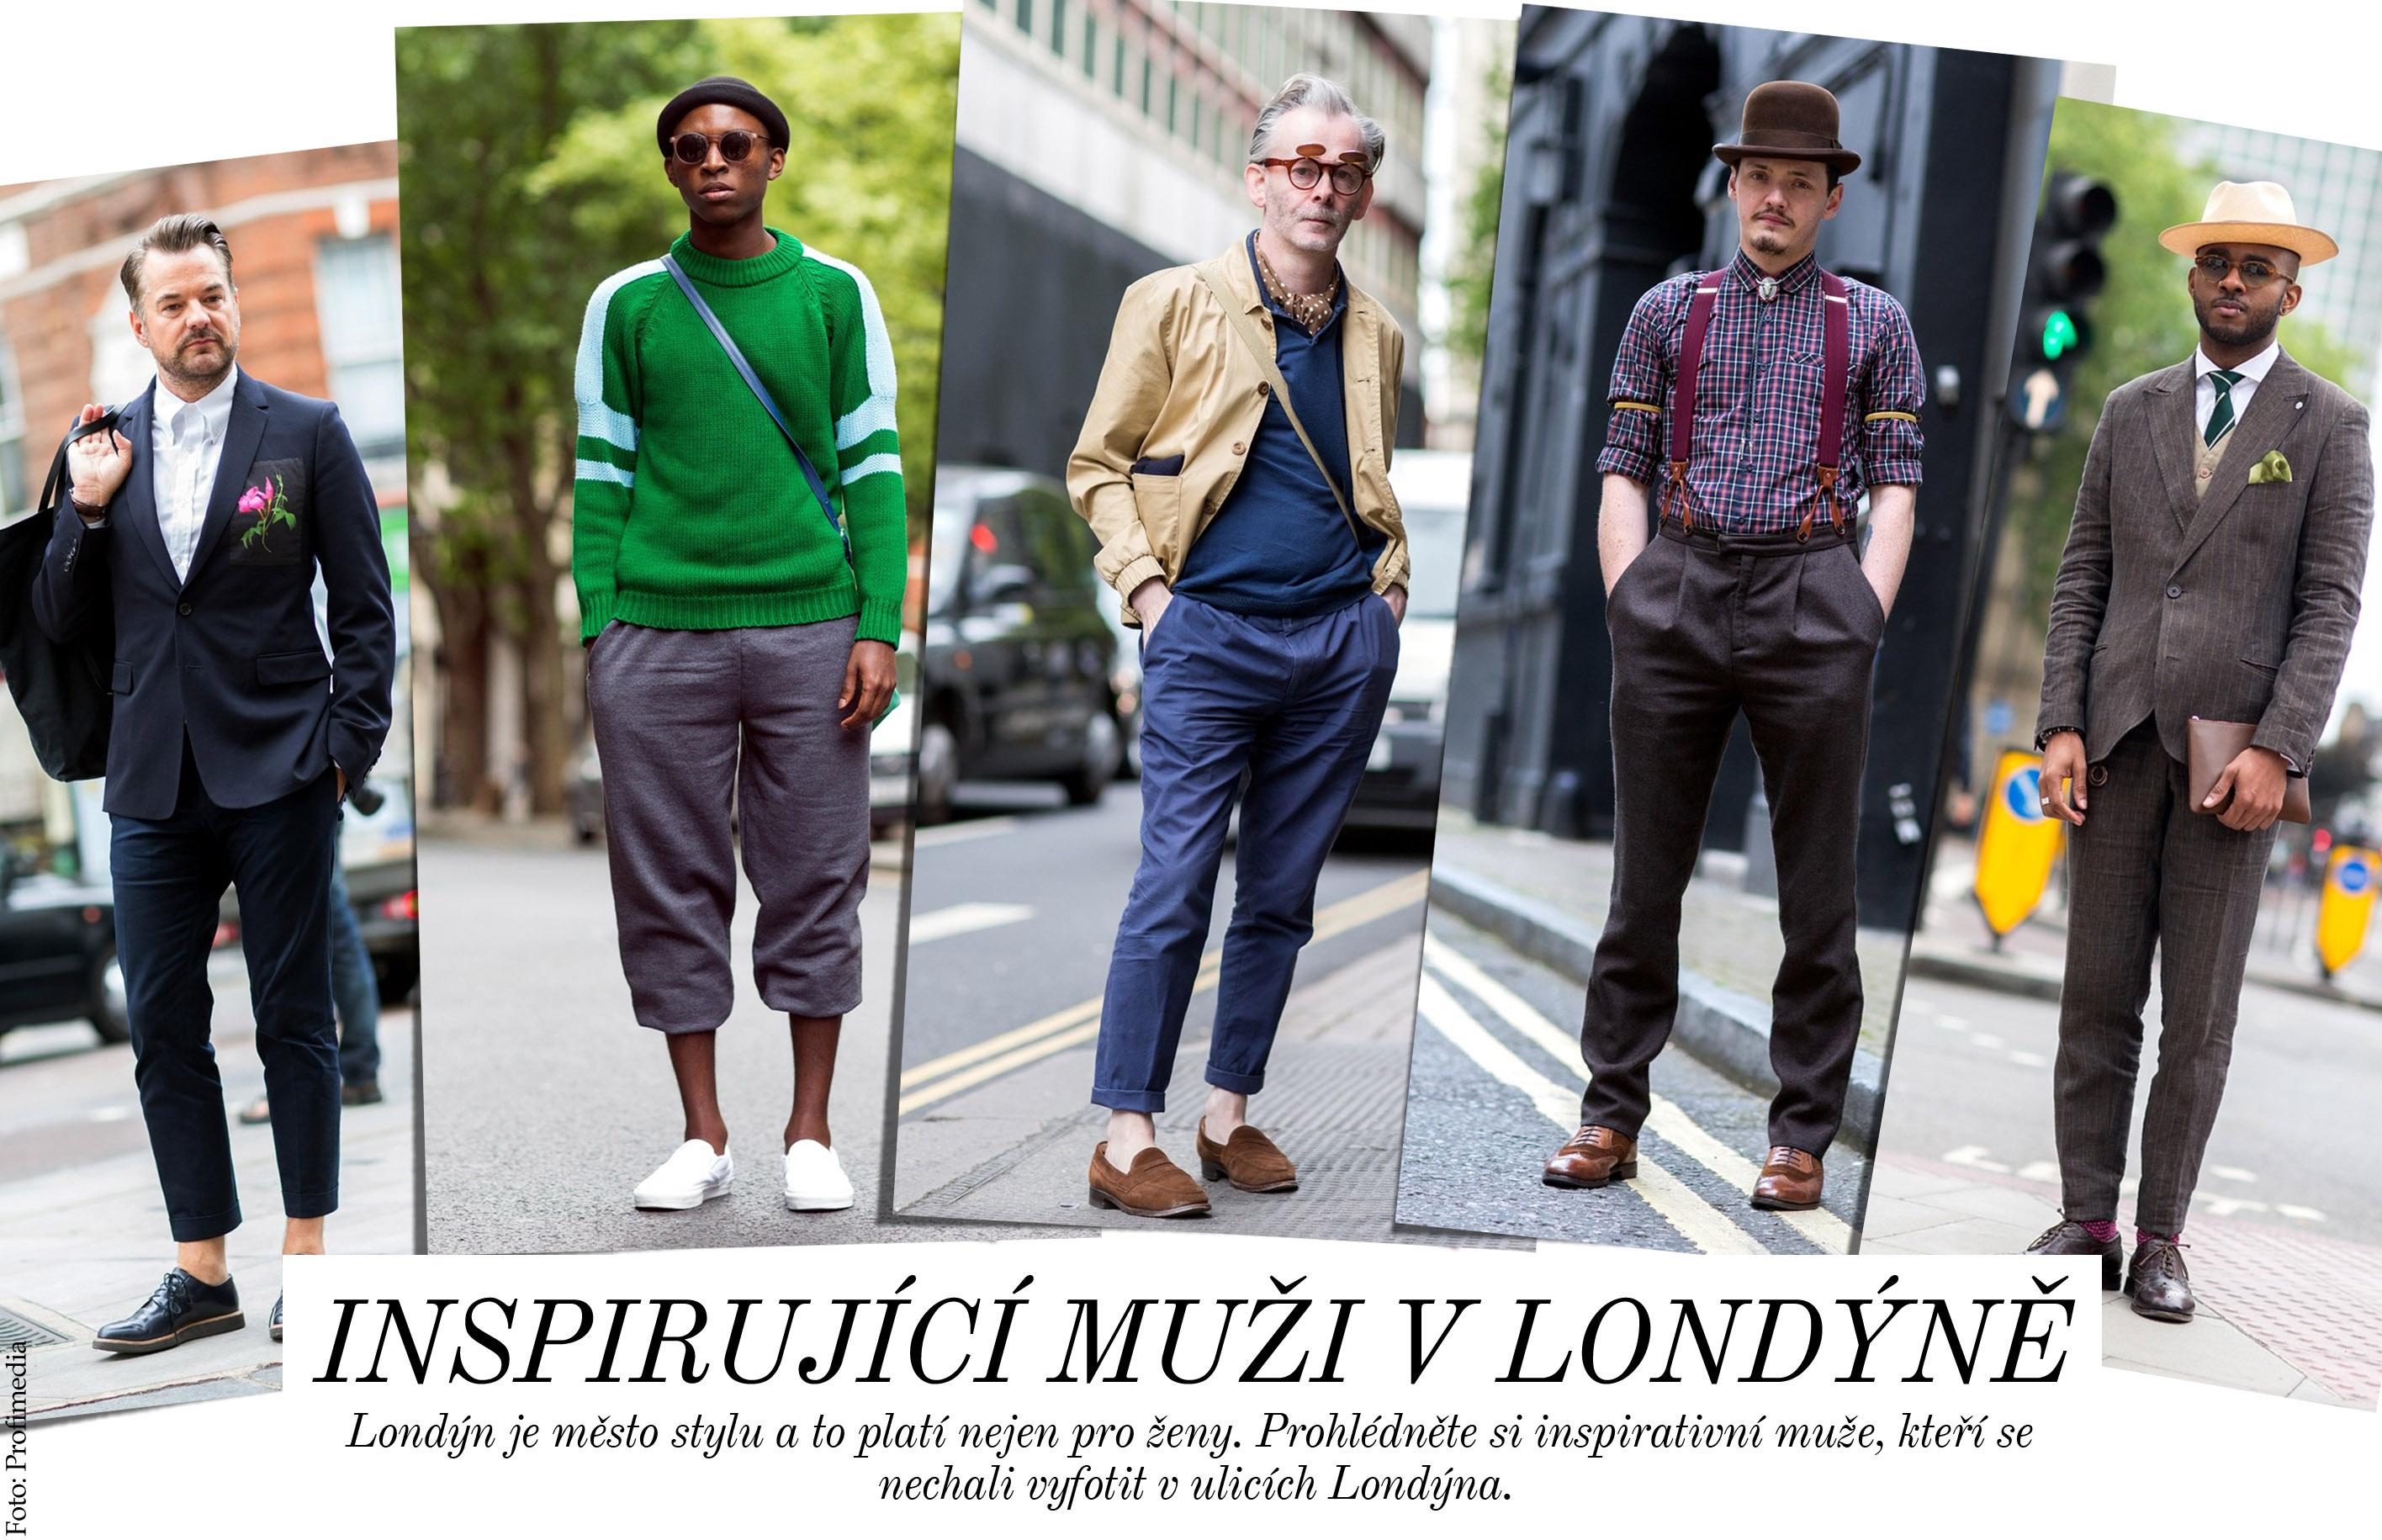 Inspirující muži v Londýně